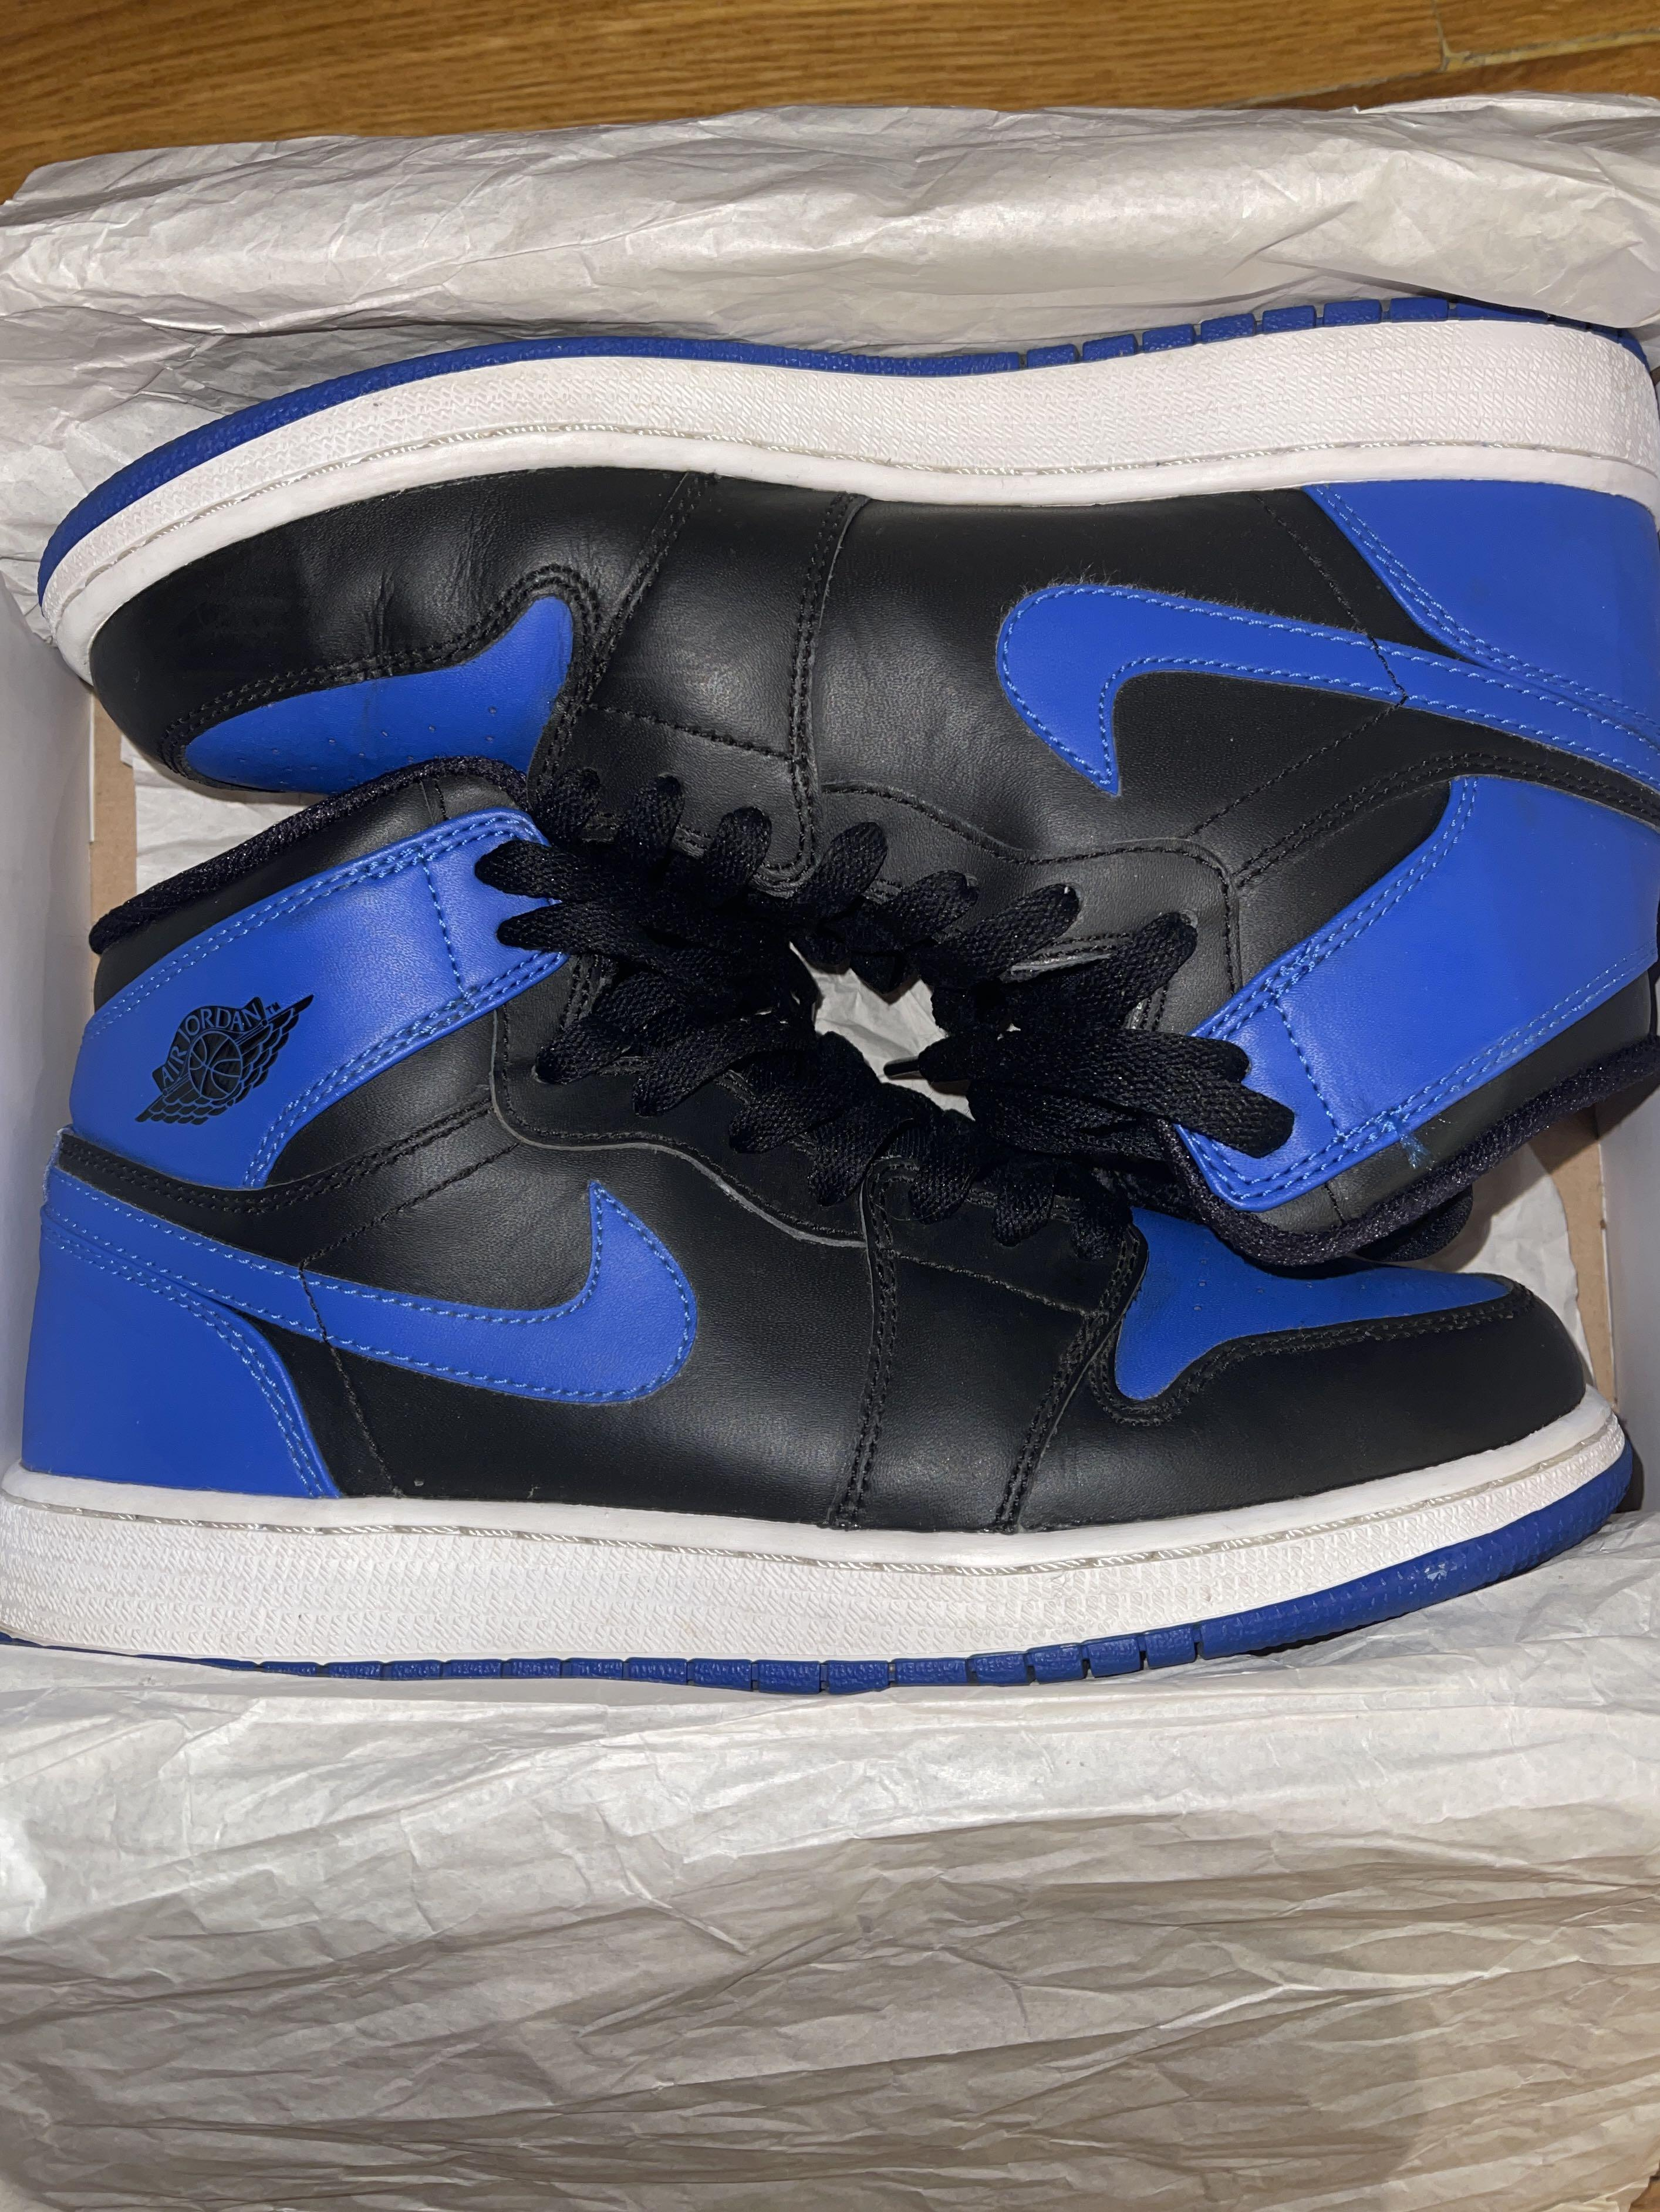 Jordan 1 Royals